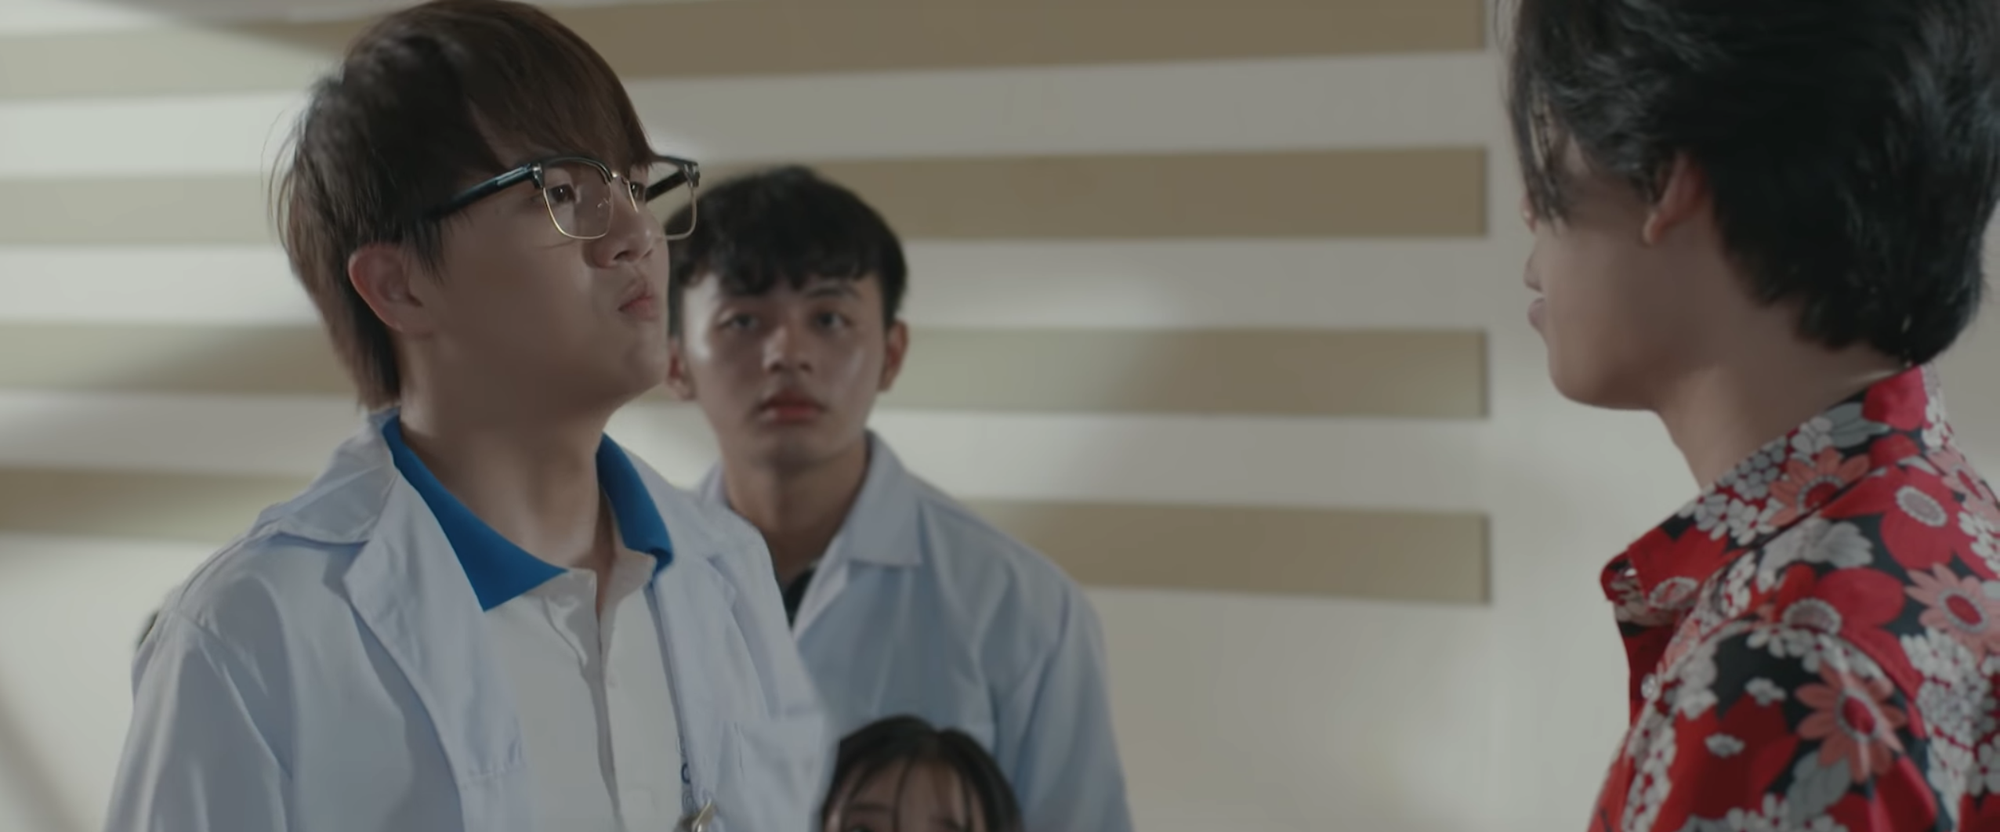 Duy Khánh vừa lột bỏ hình tượng giả gái, làm trai thẳng đã bị Emma thả thính ngay lập tức - Ảnh 4.